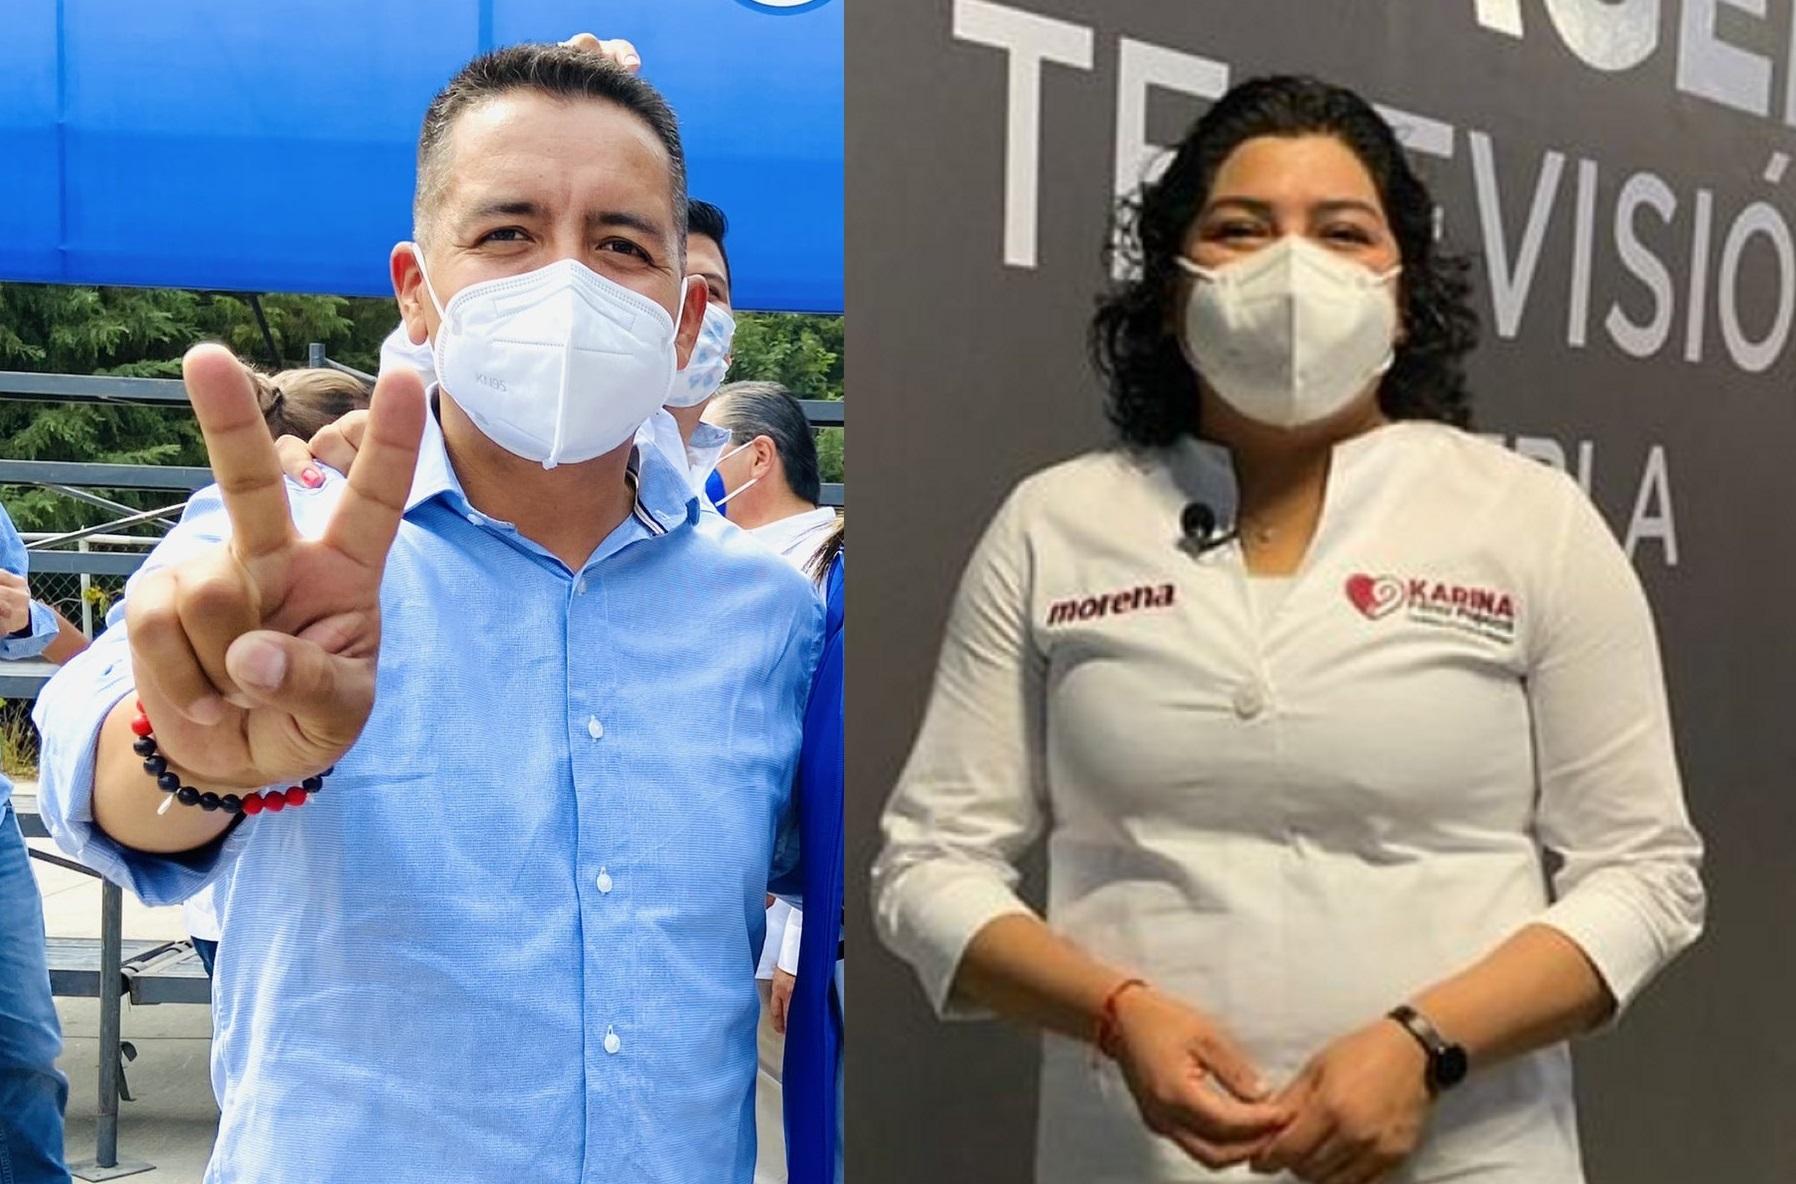 San Andrés es territorio Morena: Karina en arranque; Tlatehui acusa persecución